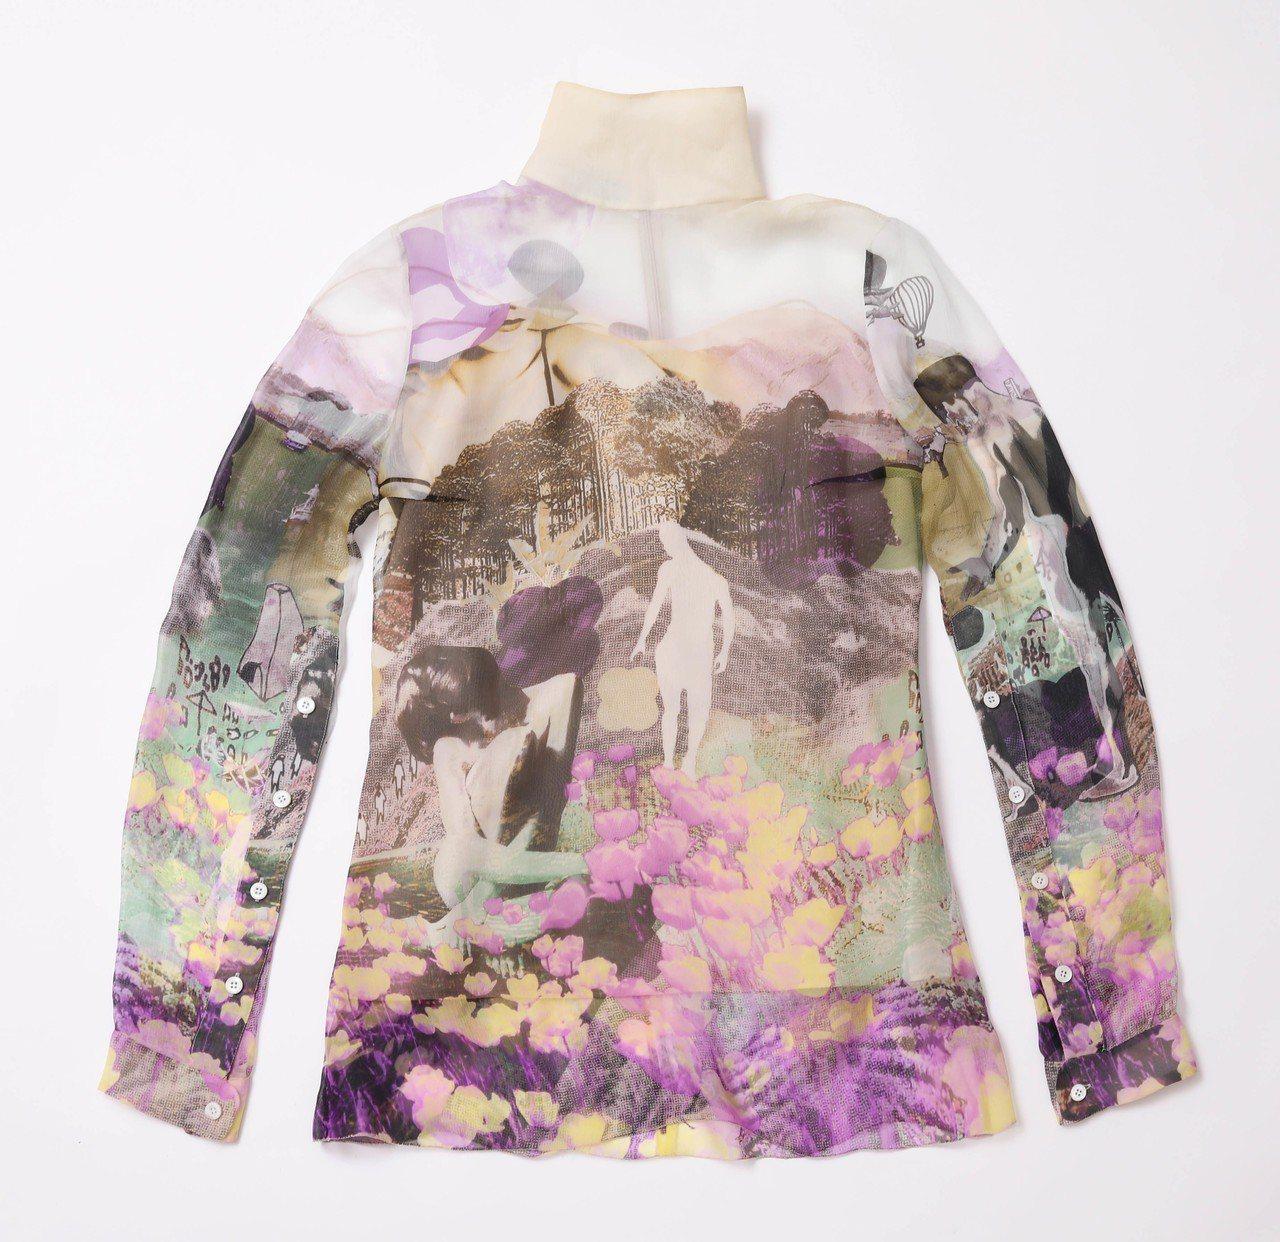 台灣獨家、台中大遠百獨家城市剪影系列雪紡上衣,40,500元。圖/PRADA提供